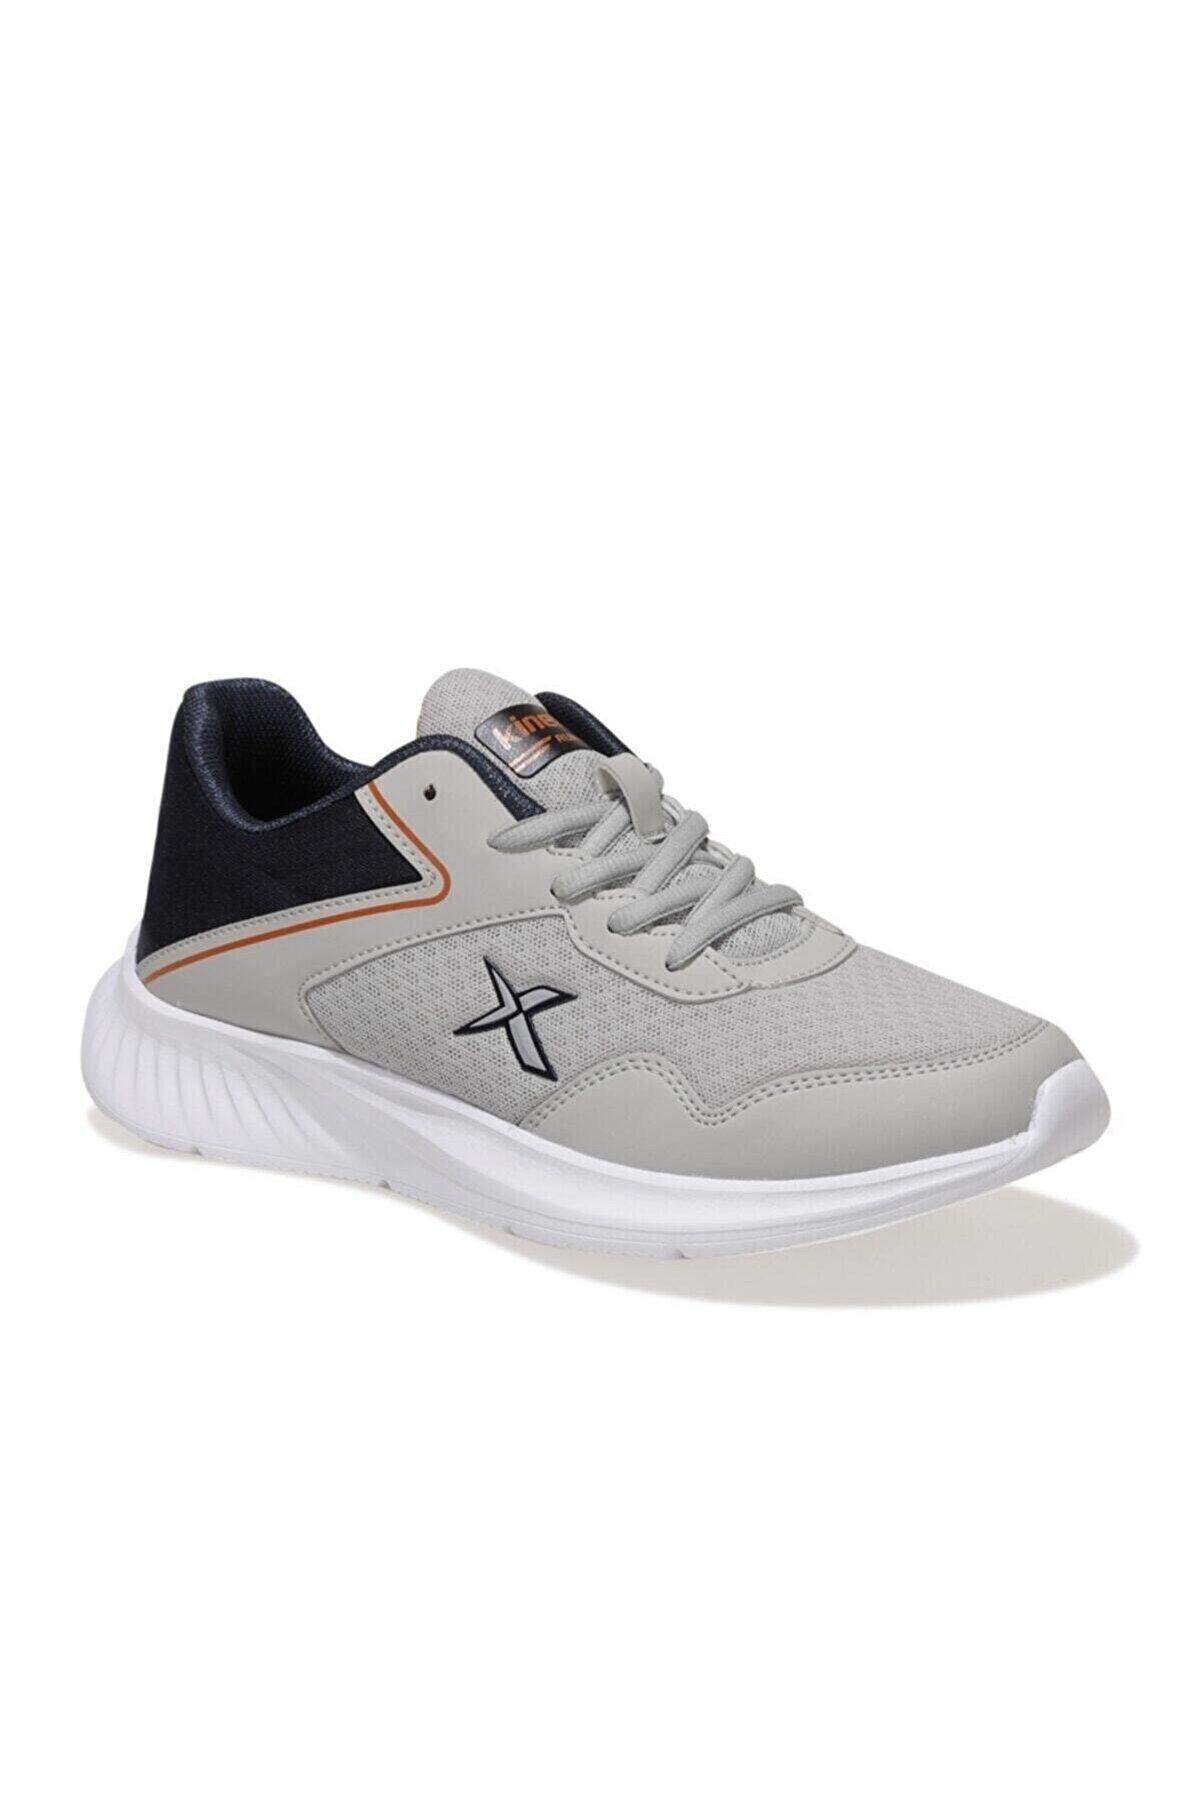 Kinetix JAKE 1FX Gri Erkek Koşu Ayakkabısı 100603031